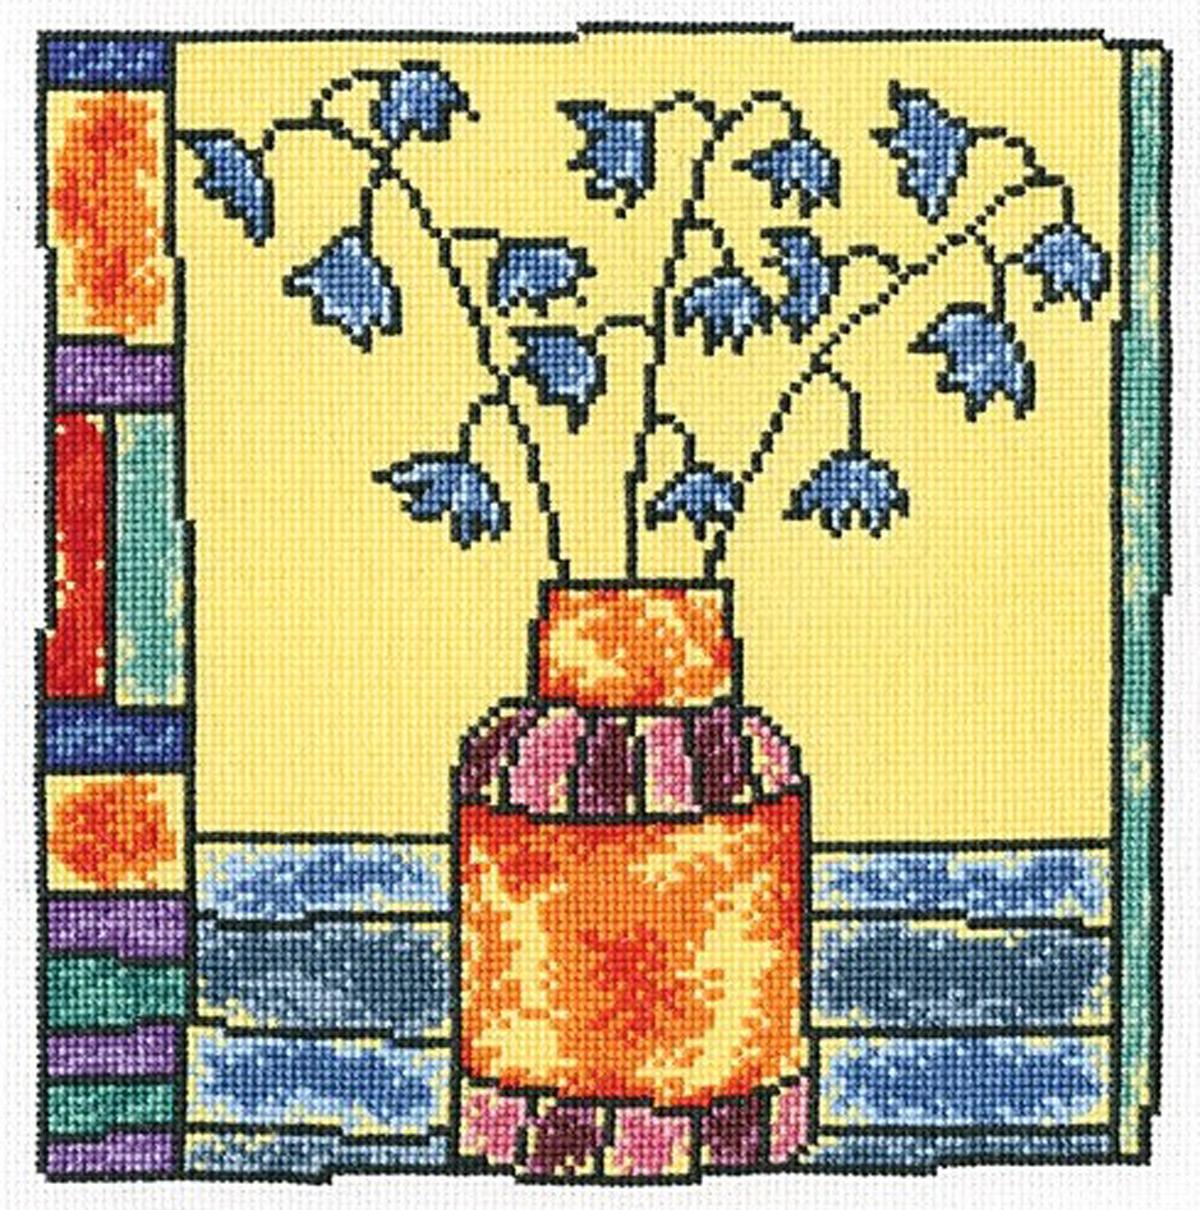 Набор для вышивания крестом RTO Колокольчики, 16 х 16,5 смМ477Красивый рисунок-вышивка, выполненный на канве, выглядит оригинально и всегда модно. Работа, сделанная своими руками, создаст особый уют и атмосферу в доме и долгие годы будет радовать вас и ваших близких. Набор для вышивания содержит все необходимые материалы. Вышивка выполняется швом счетный крест в две нити мулине. В состав набора входит: - канва Aida 18 белого цвета (100% хлопок, 7,0 клеток = 1 см, рисунок не нанесен), - вышивальные нитки-мулине DMC на карте, разобранные по цветам (20 цветов, 100% хлопок), - символьная схема, - инструкция, - игла для вышивания.